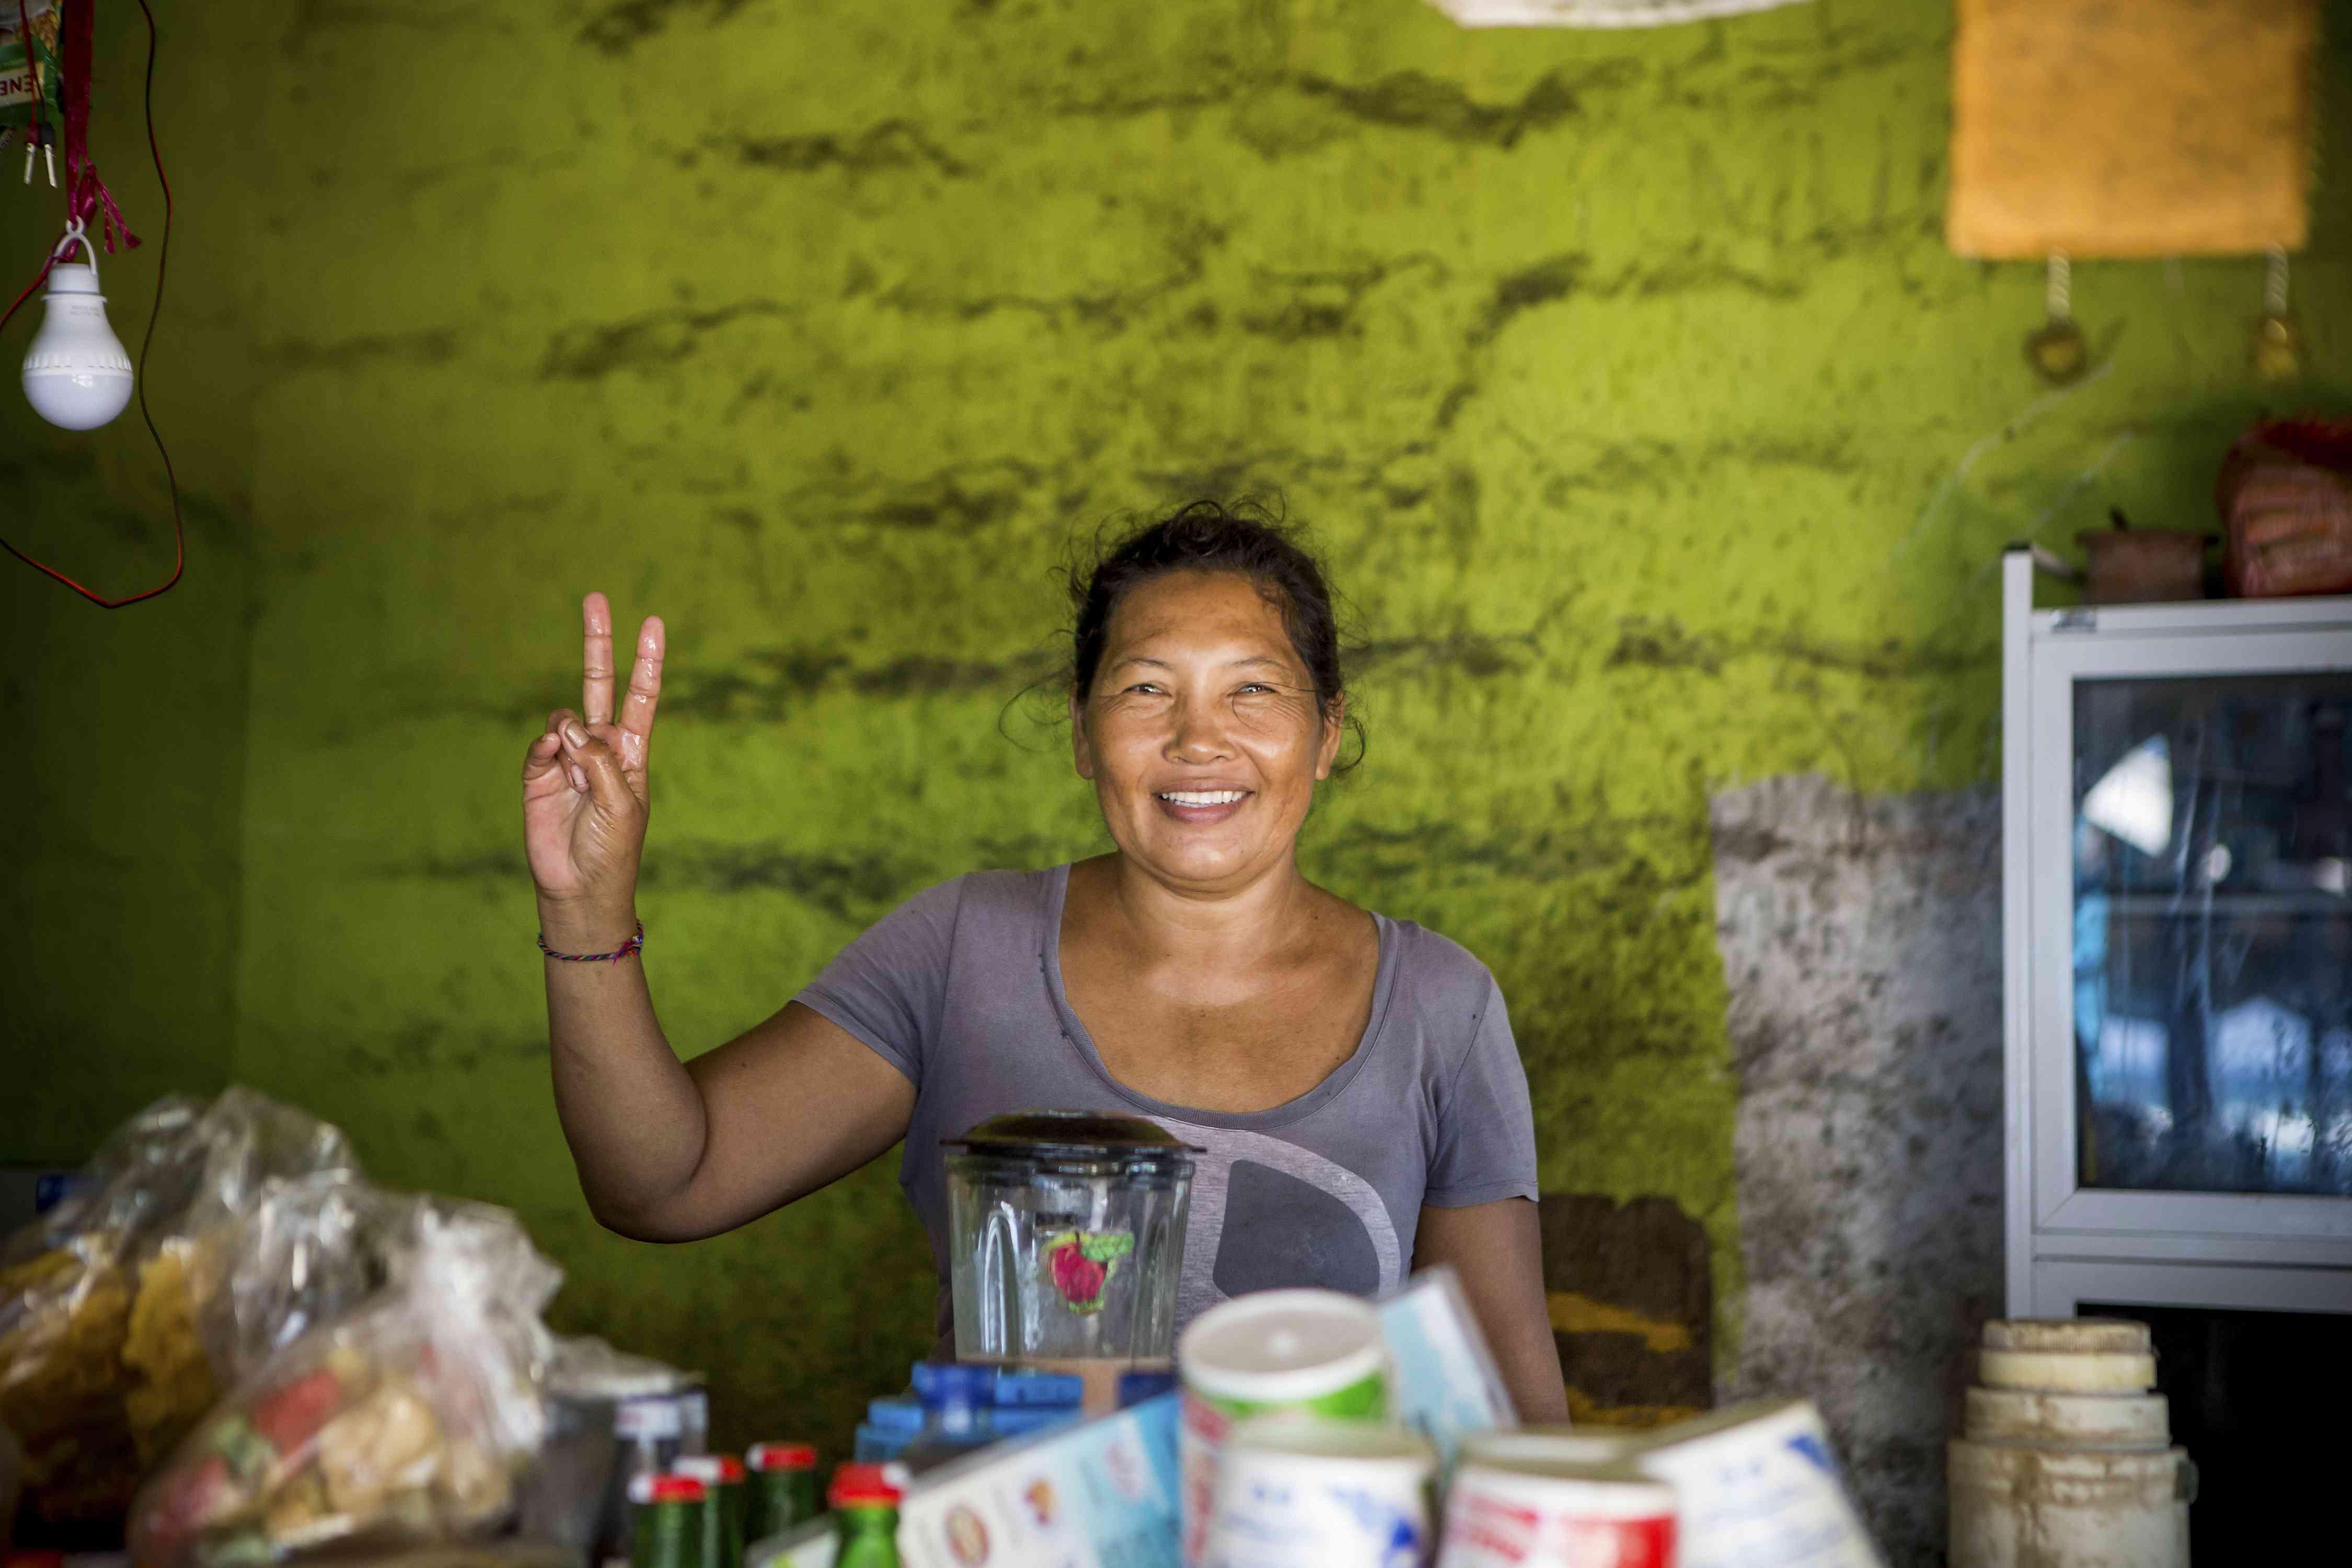 Balinese woman smiling